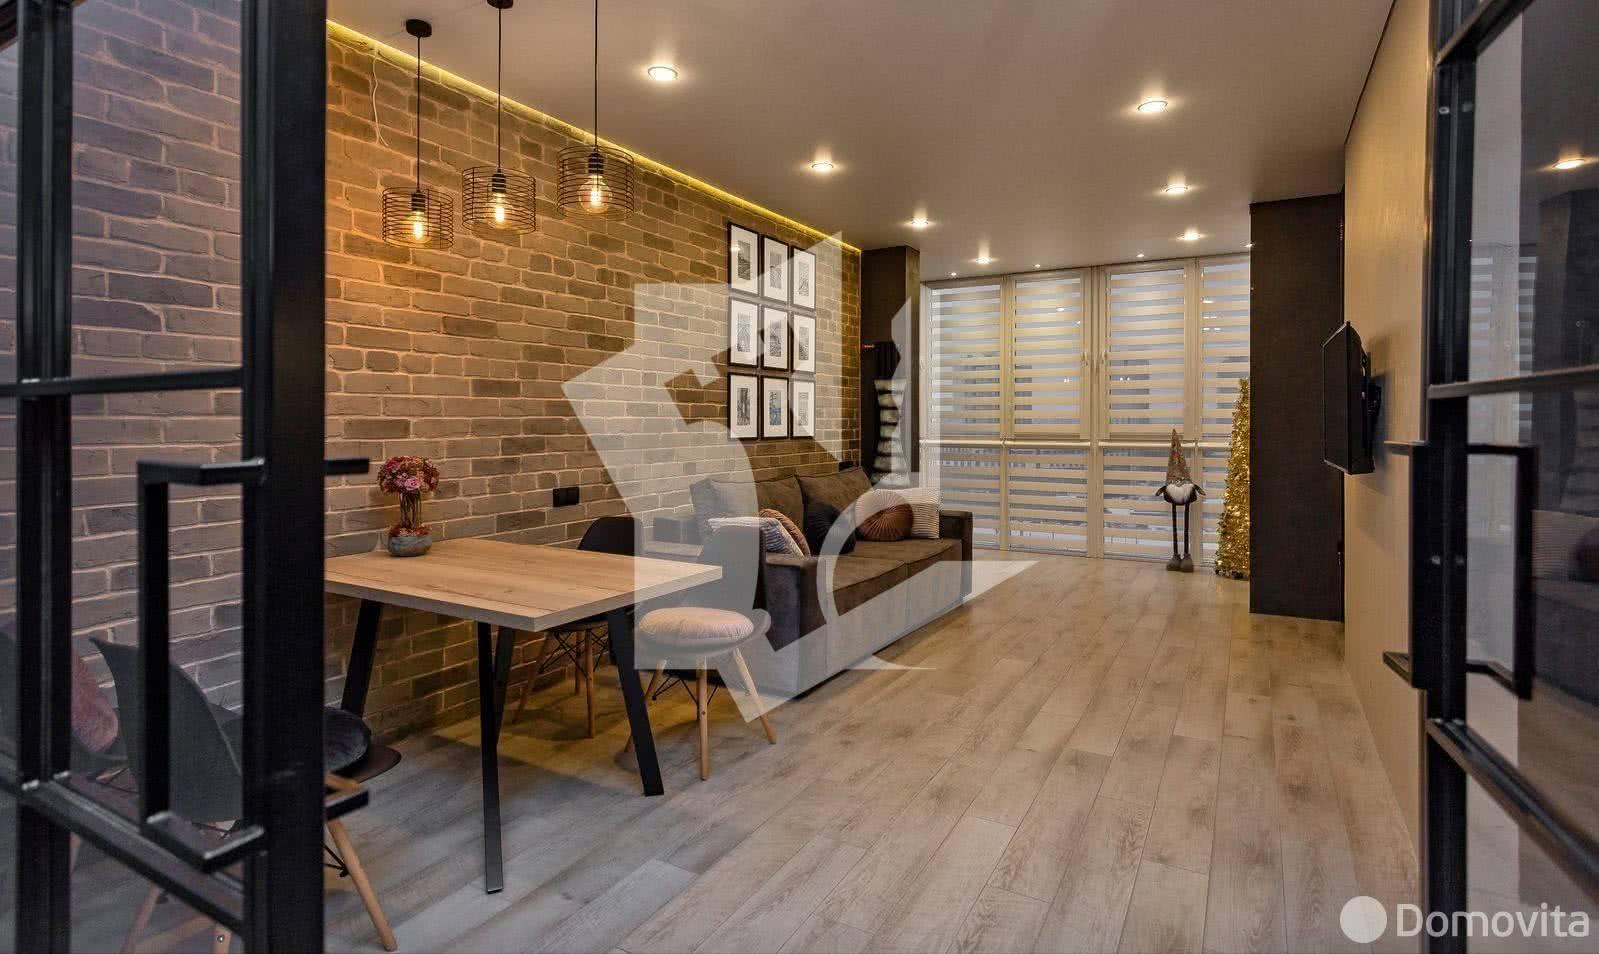 Снять 2-комнатную квартиру в Минске, ул. Тимирязева, д. 10 - фото 3